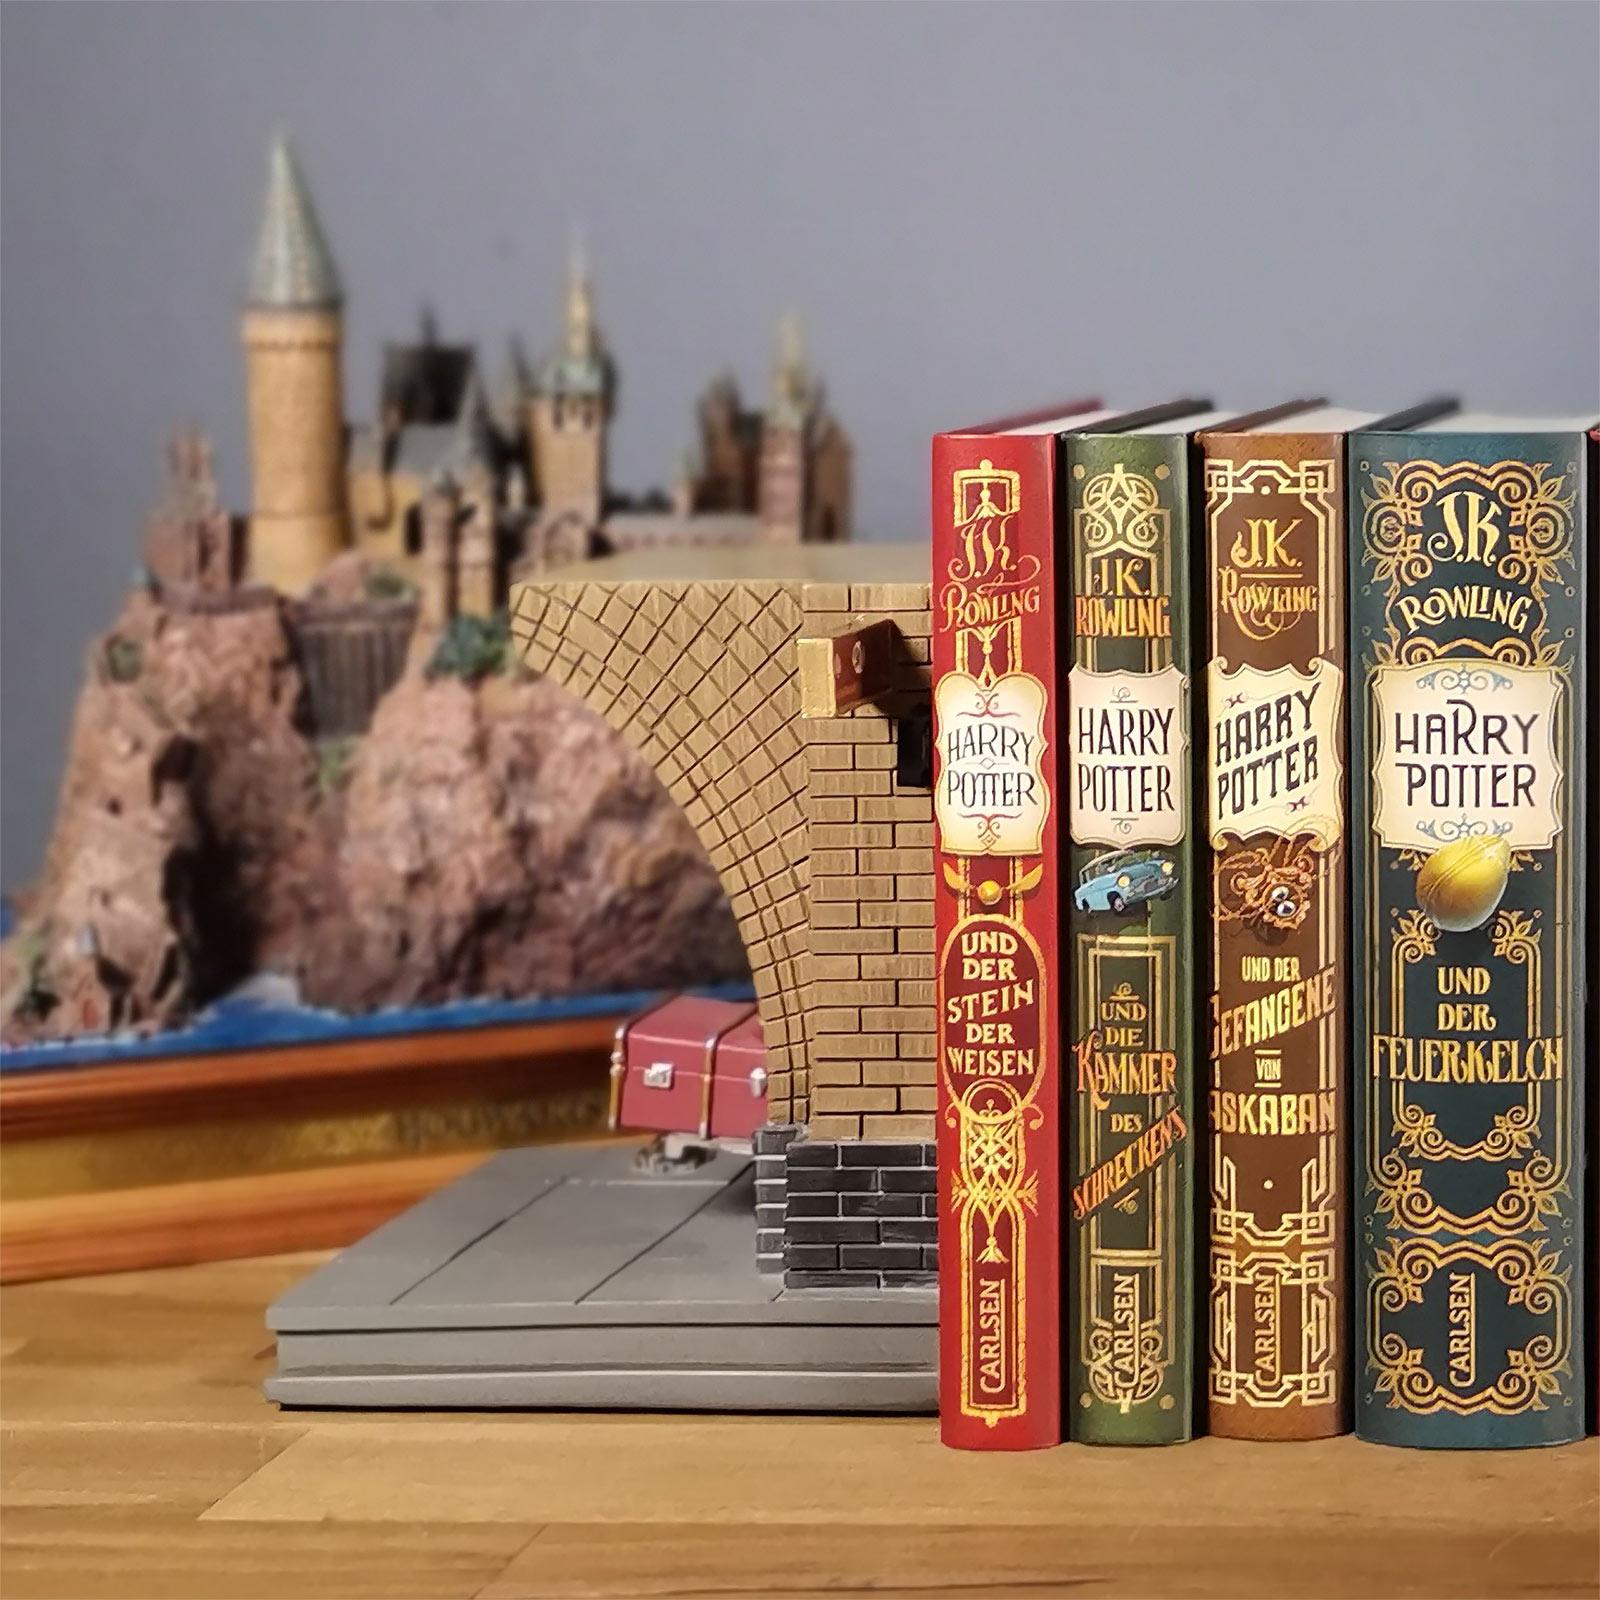 Harry Potter - Gleis 9 3/4 Buchstützen